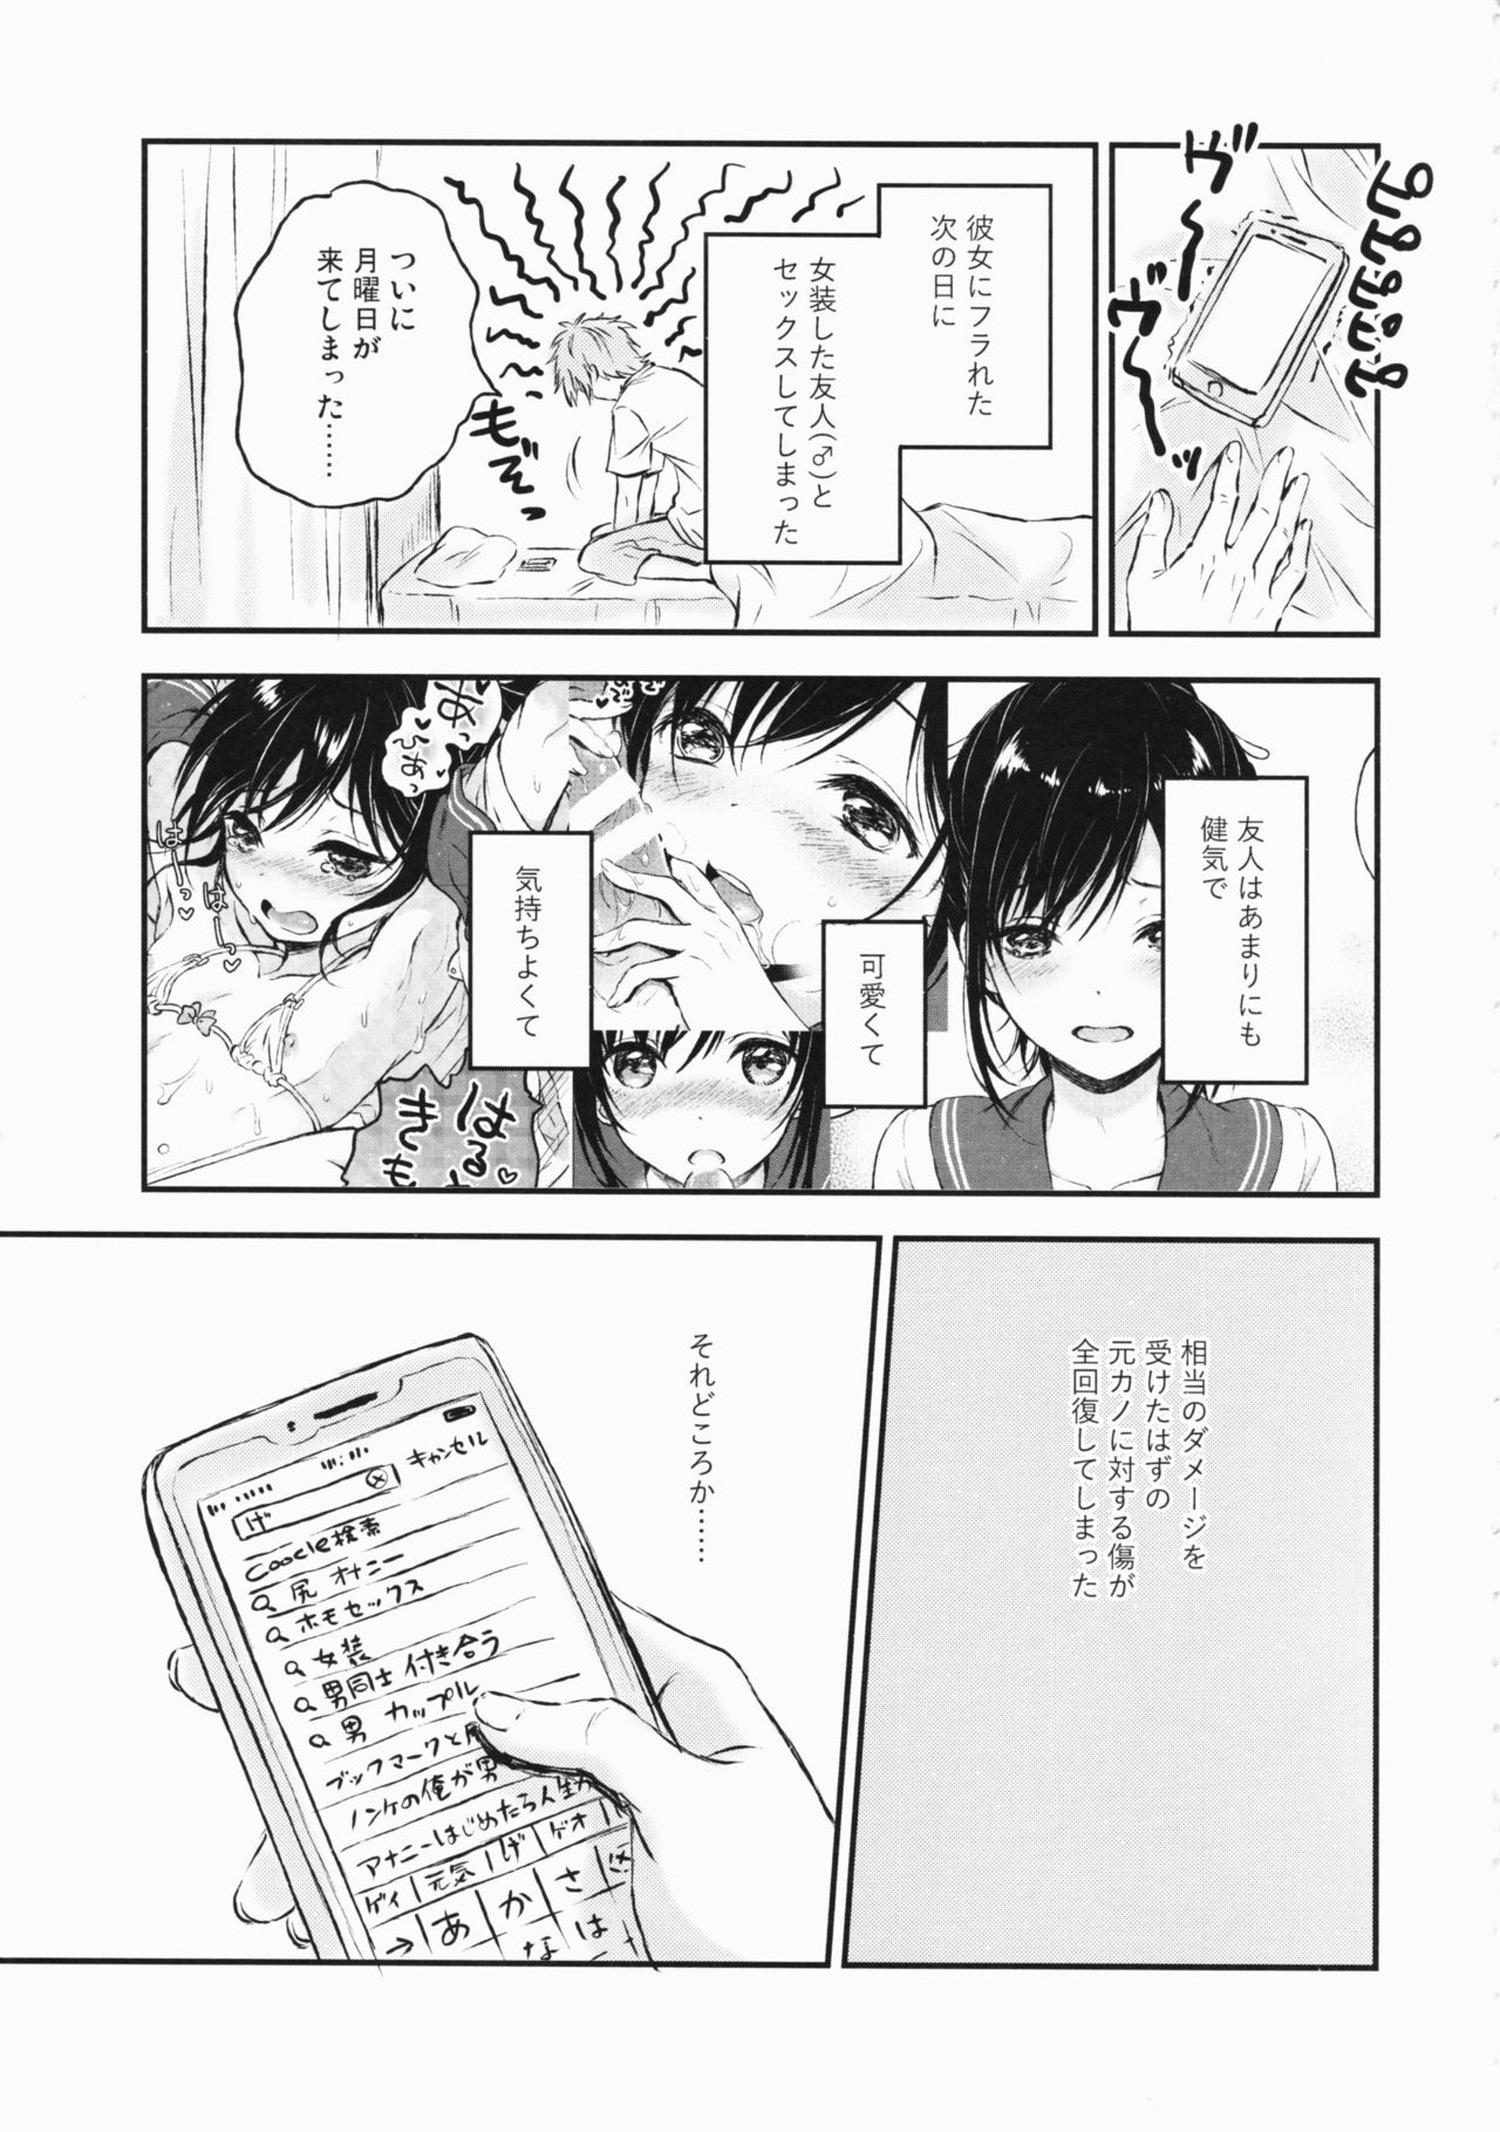 ポニーテールの女装男子とイチャラブセックスwww【エロ漫画・エロ同人】 (2)